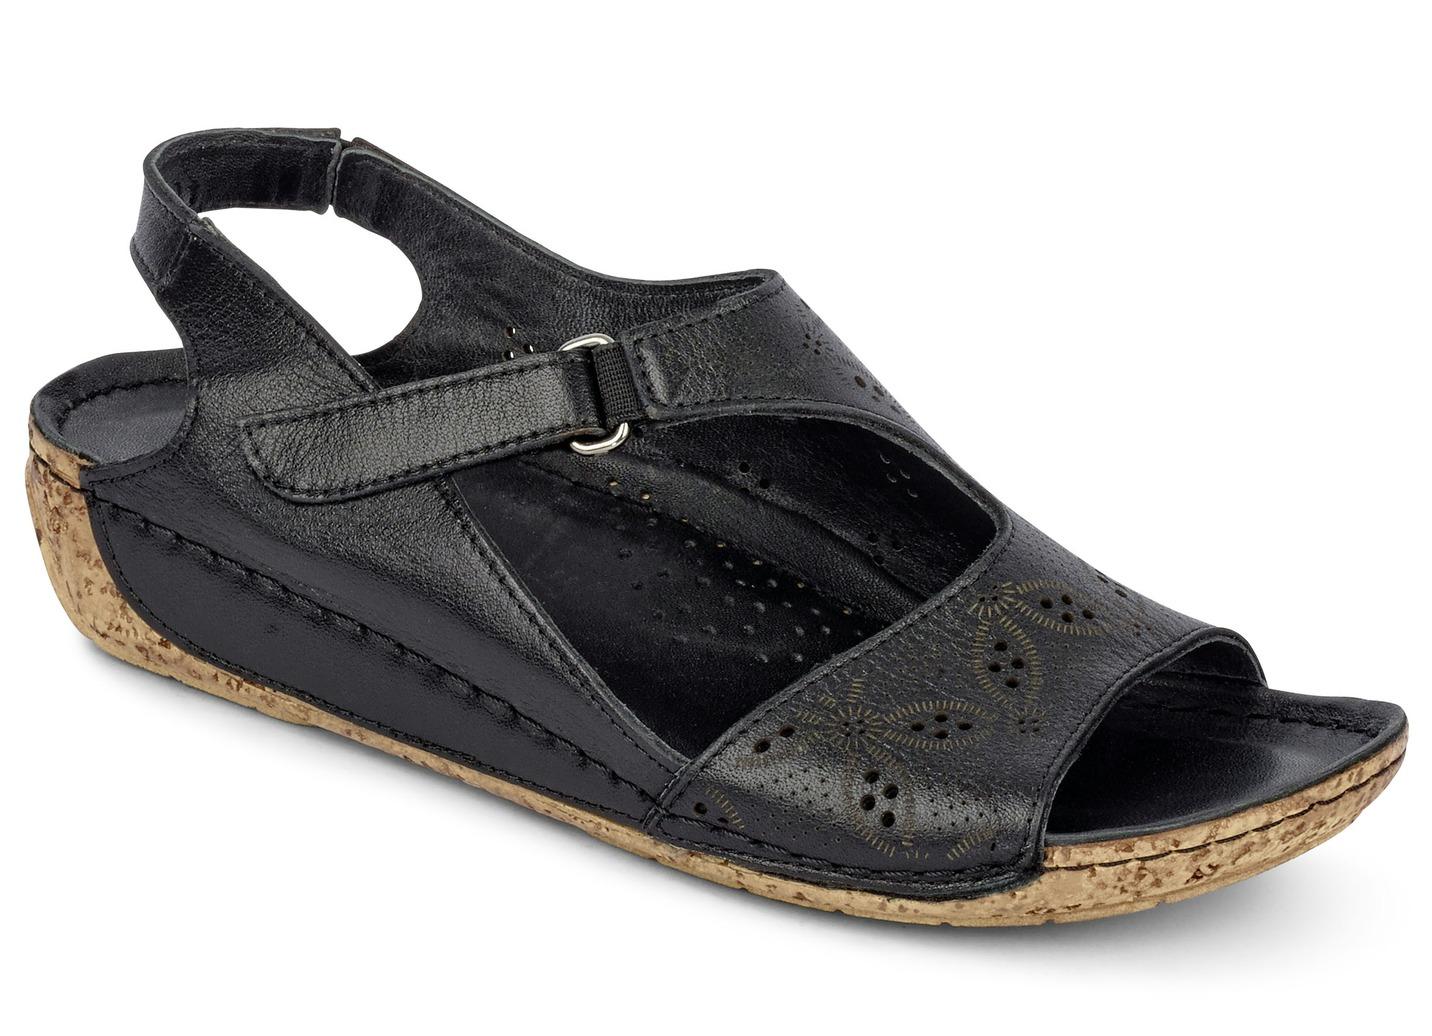 Sandalette  Weite G Schwarz Größe 39 Damen Preisvergleich